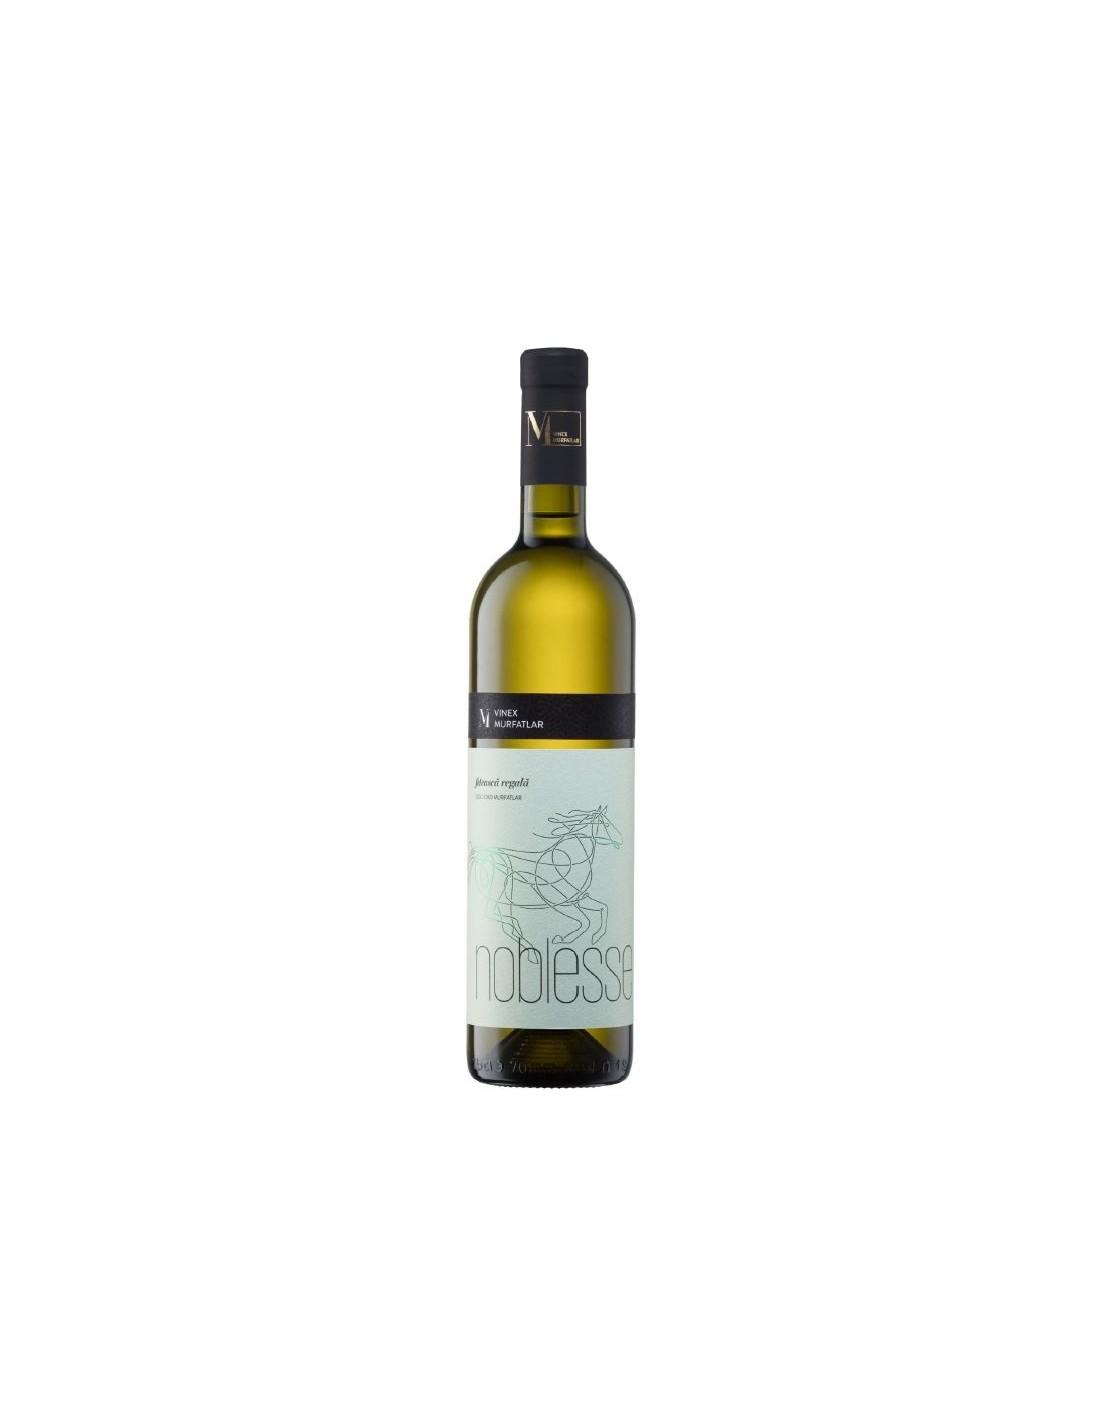 Vin alb sec, Feteasca Regala, Noblesse Murfatlar, 0.75L, 13.5% alc., Romania